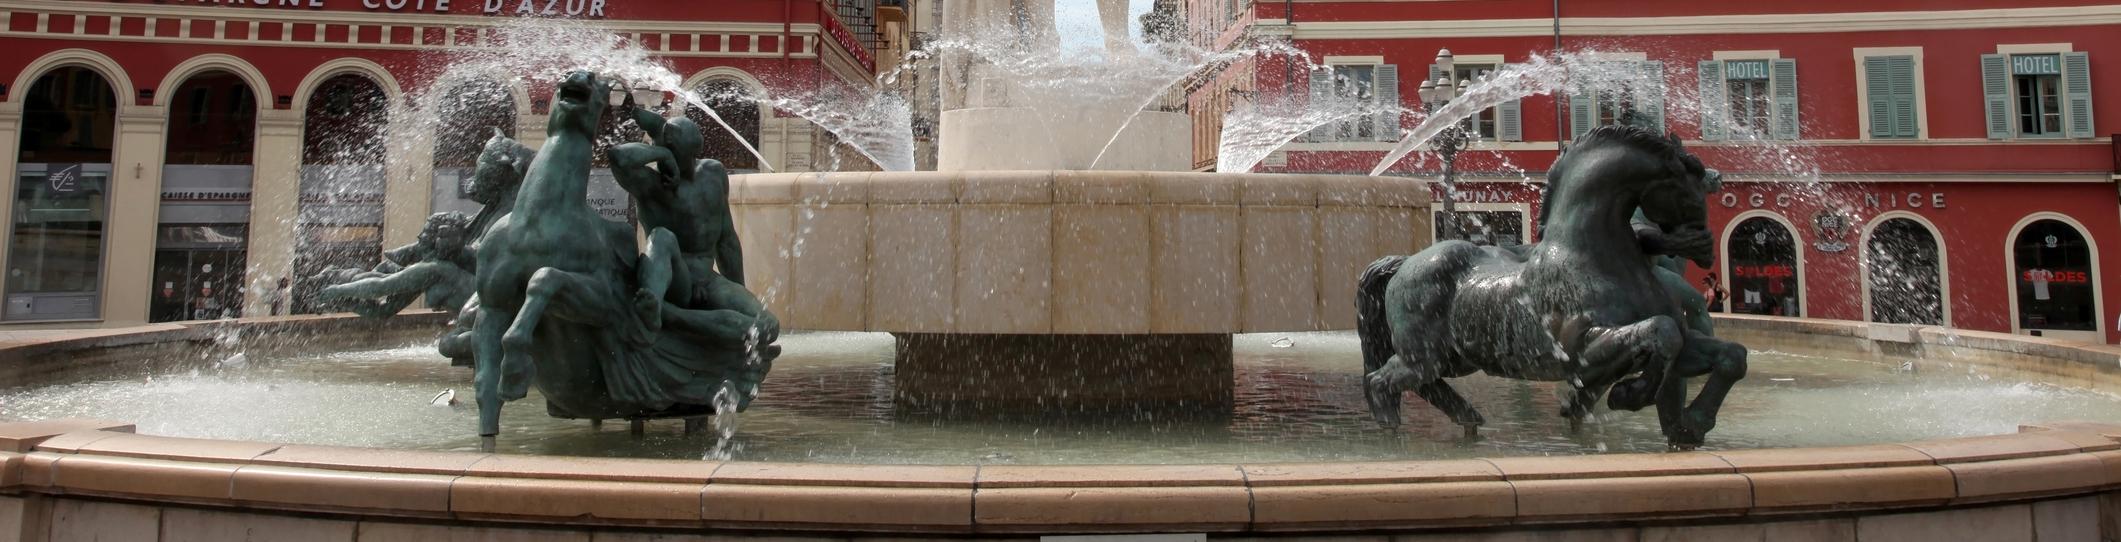 La Fontaine du Soleil de Nice<br> Un monument alchimique</br>